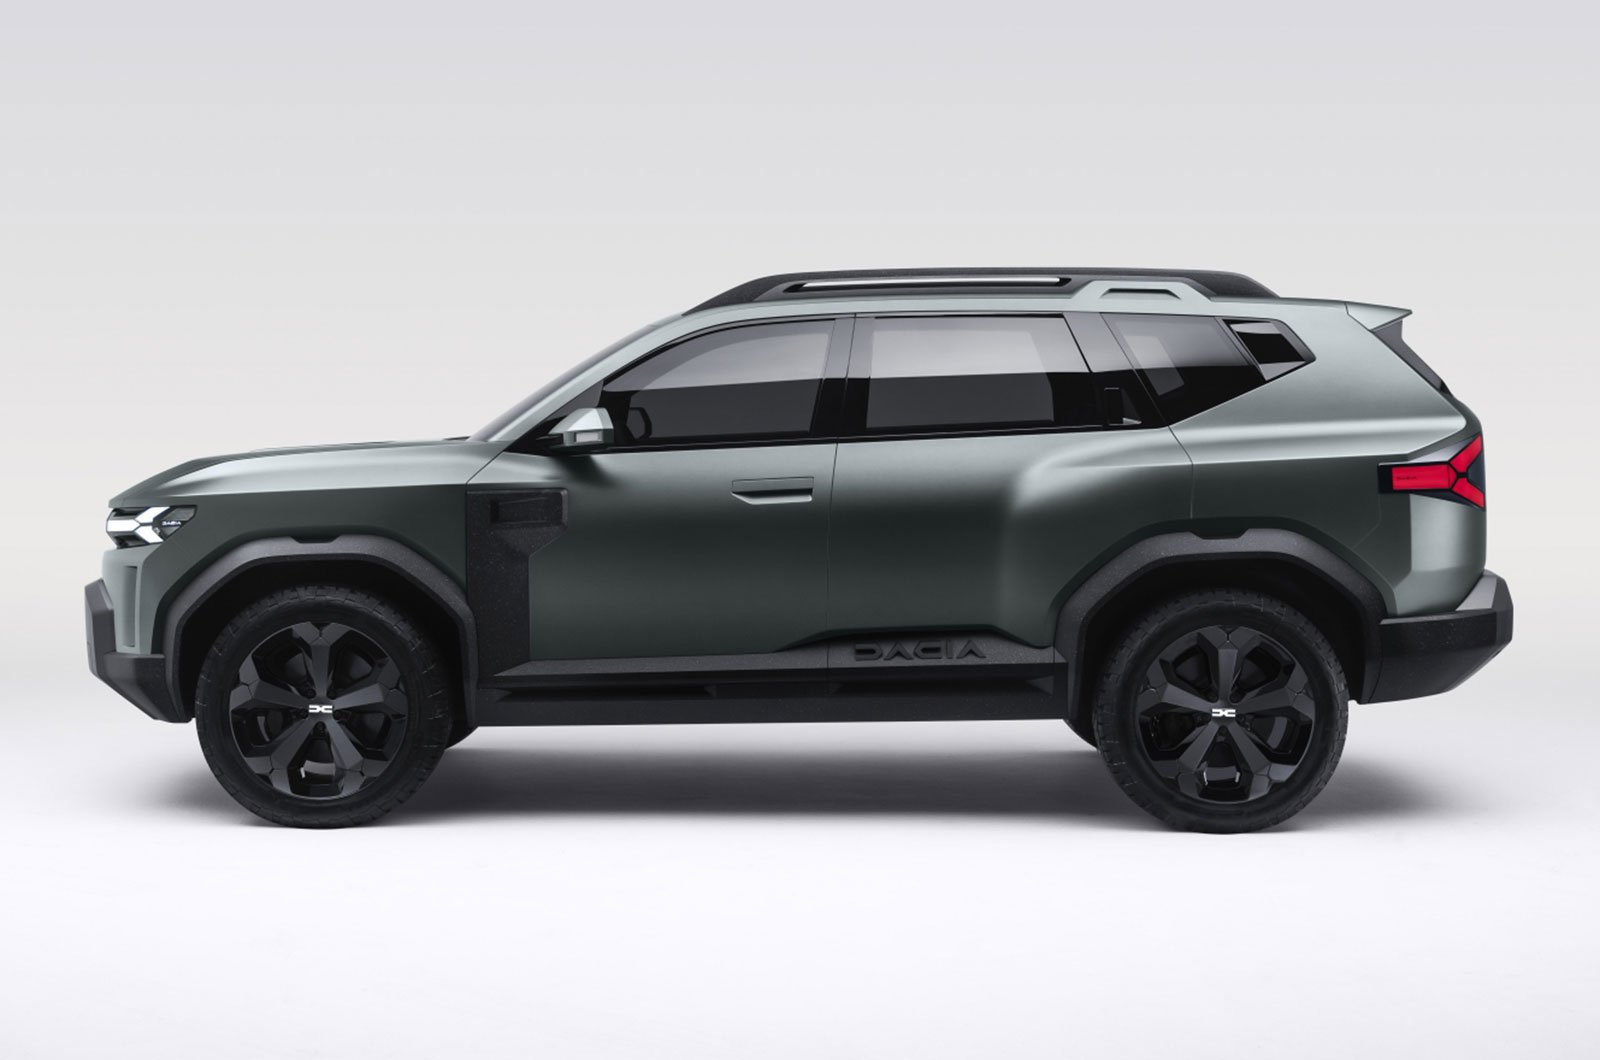 Dacia Bigster concept side